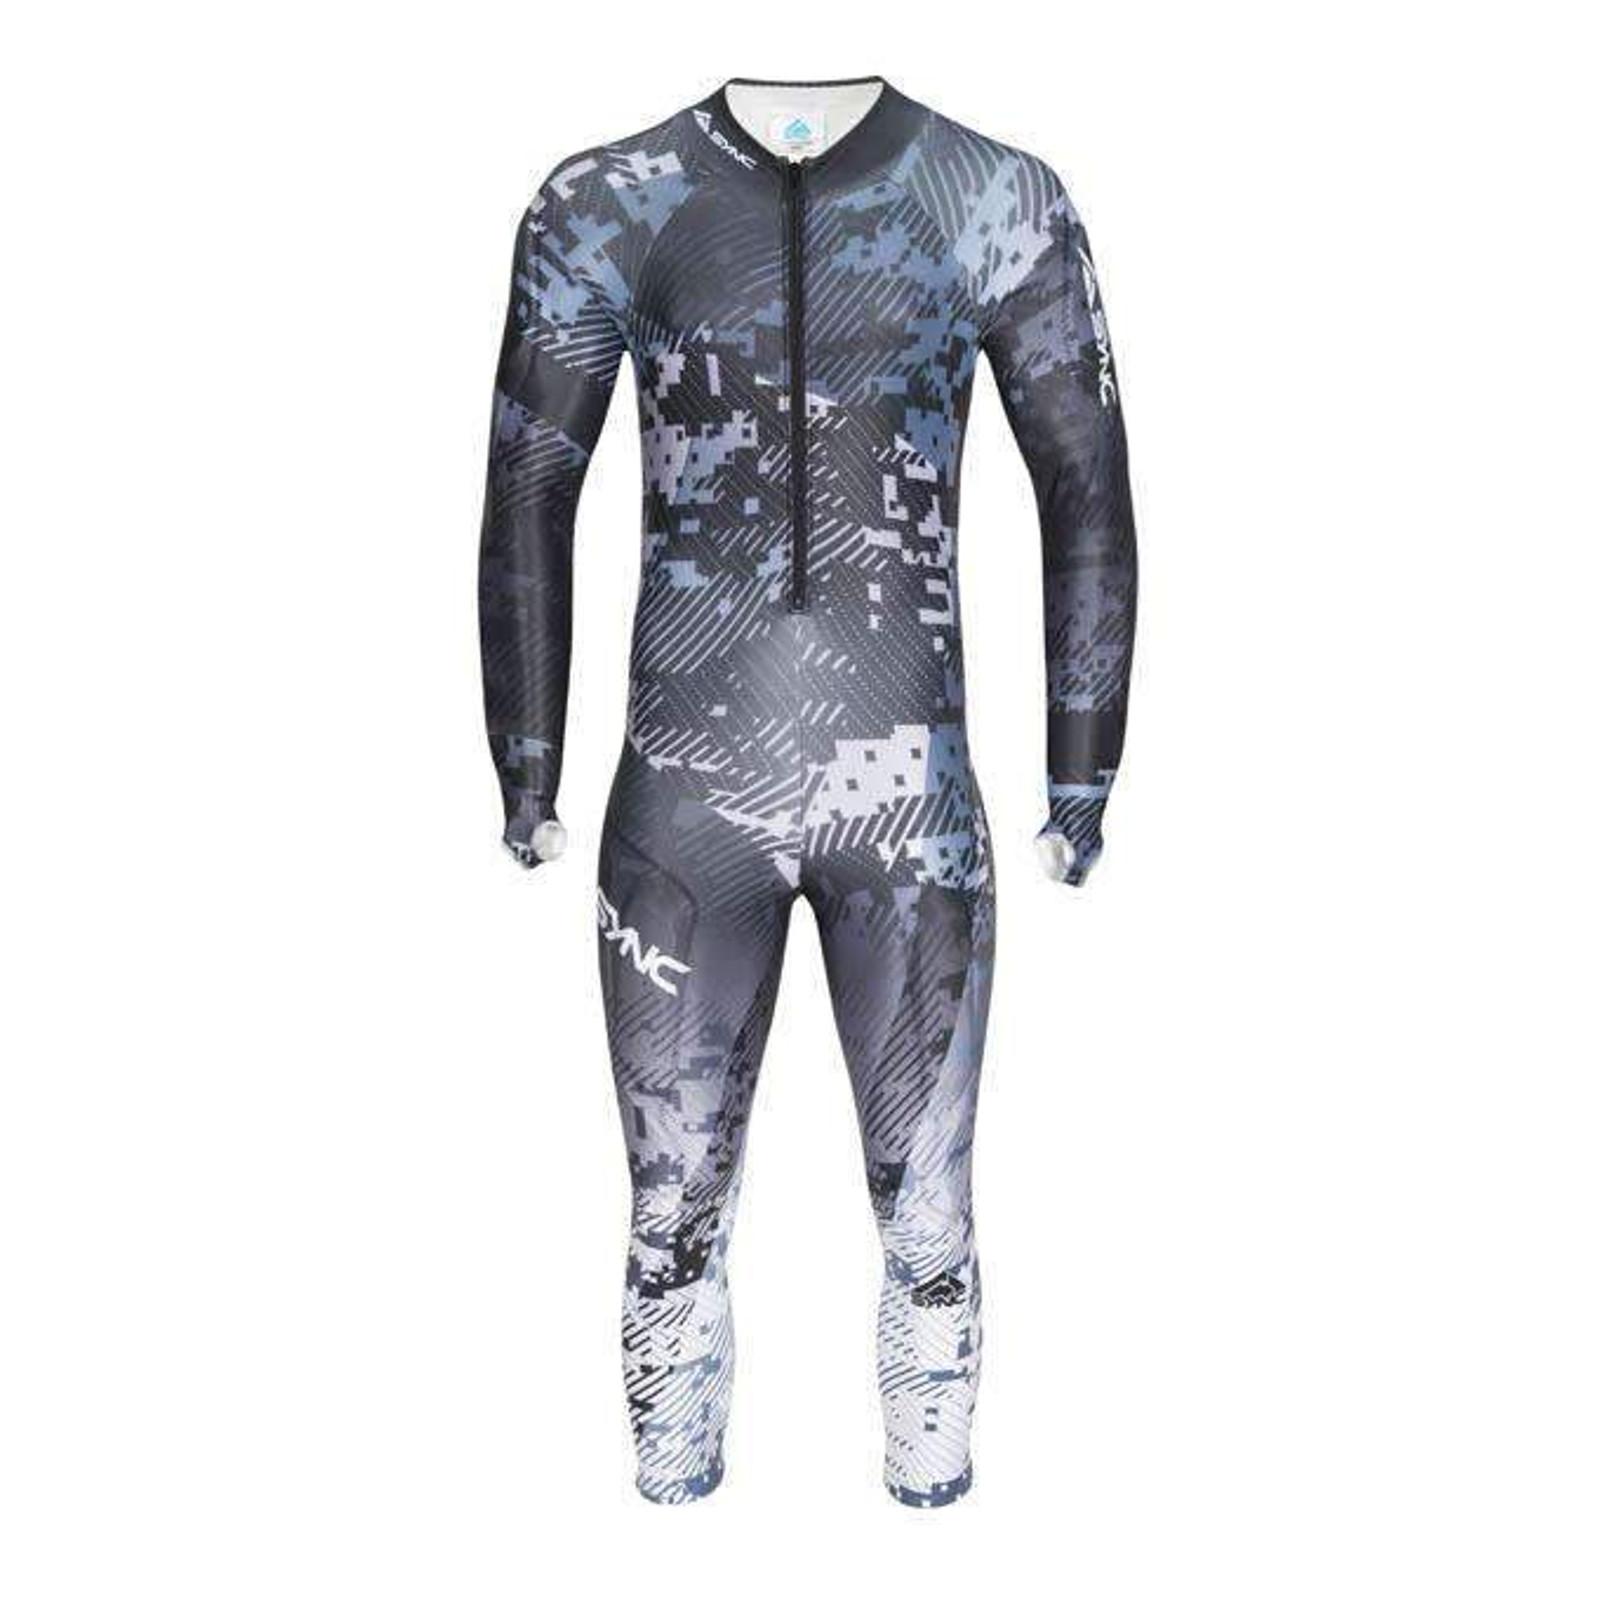 Sync KELLEN GS Race Suit